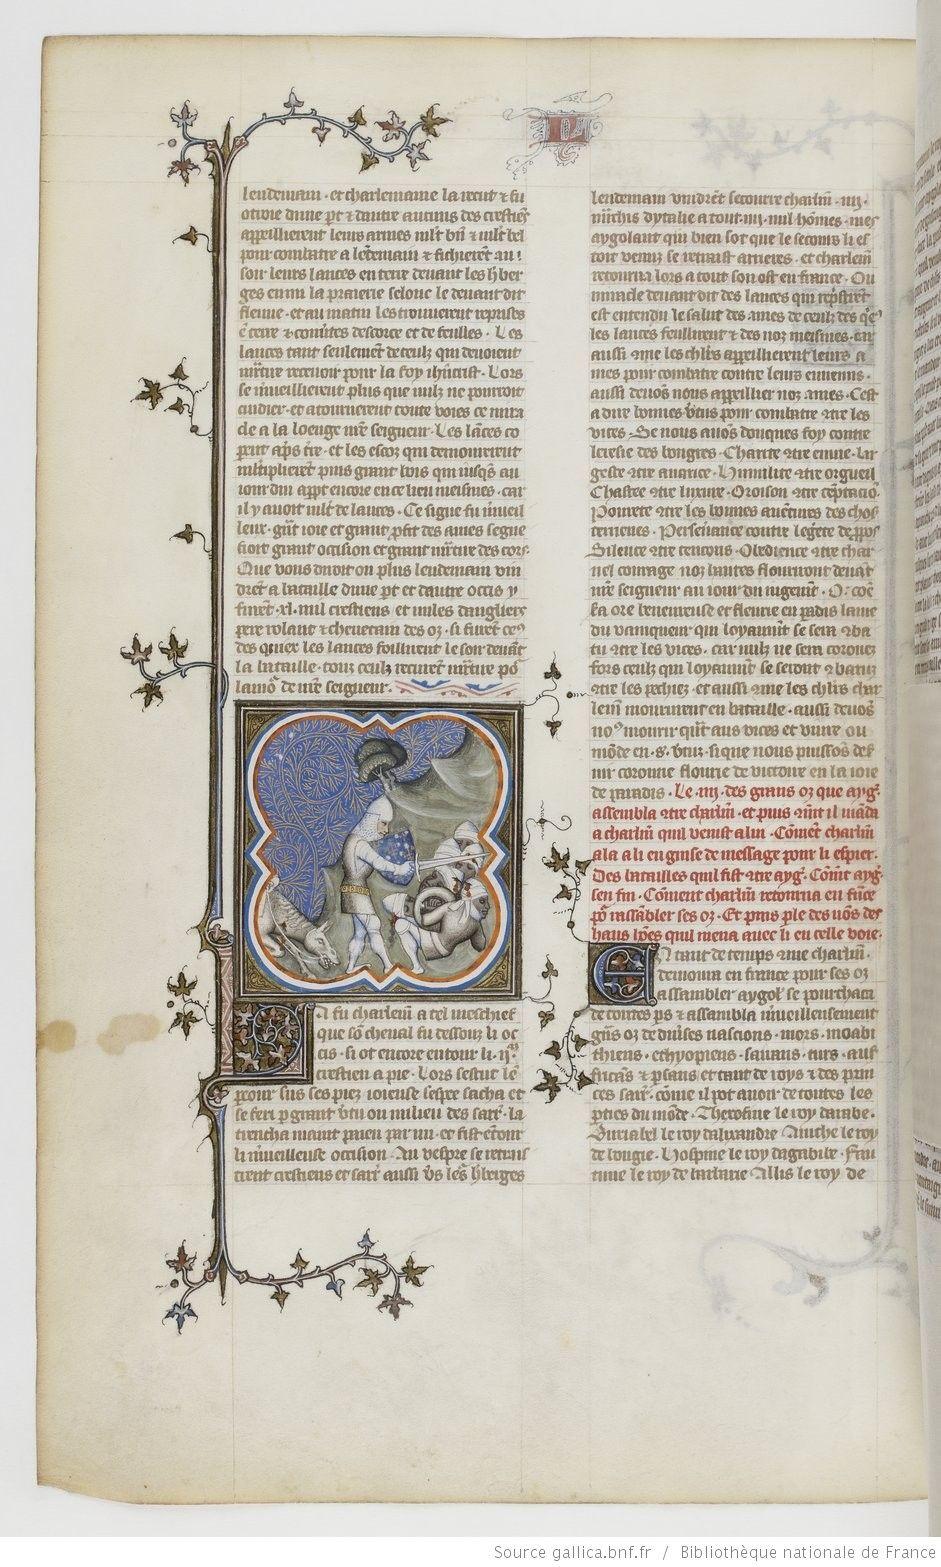 Grandes Chroniques de France. Date d'édition : 1375-1380 114v